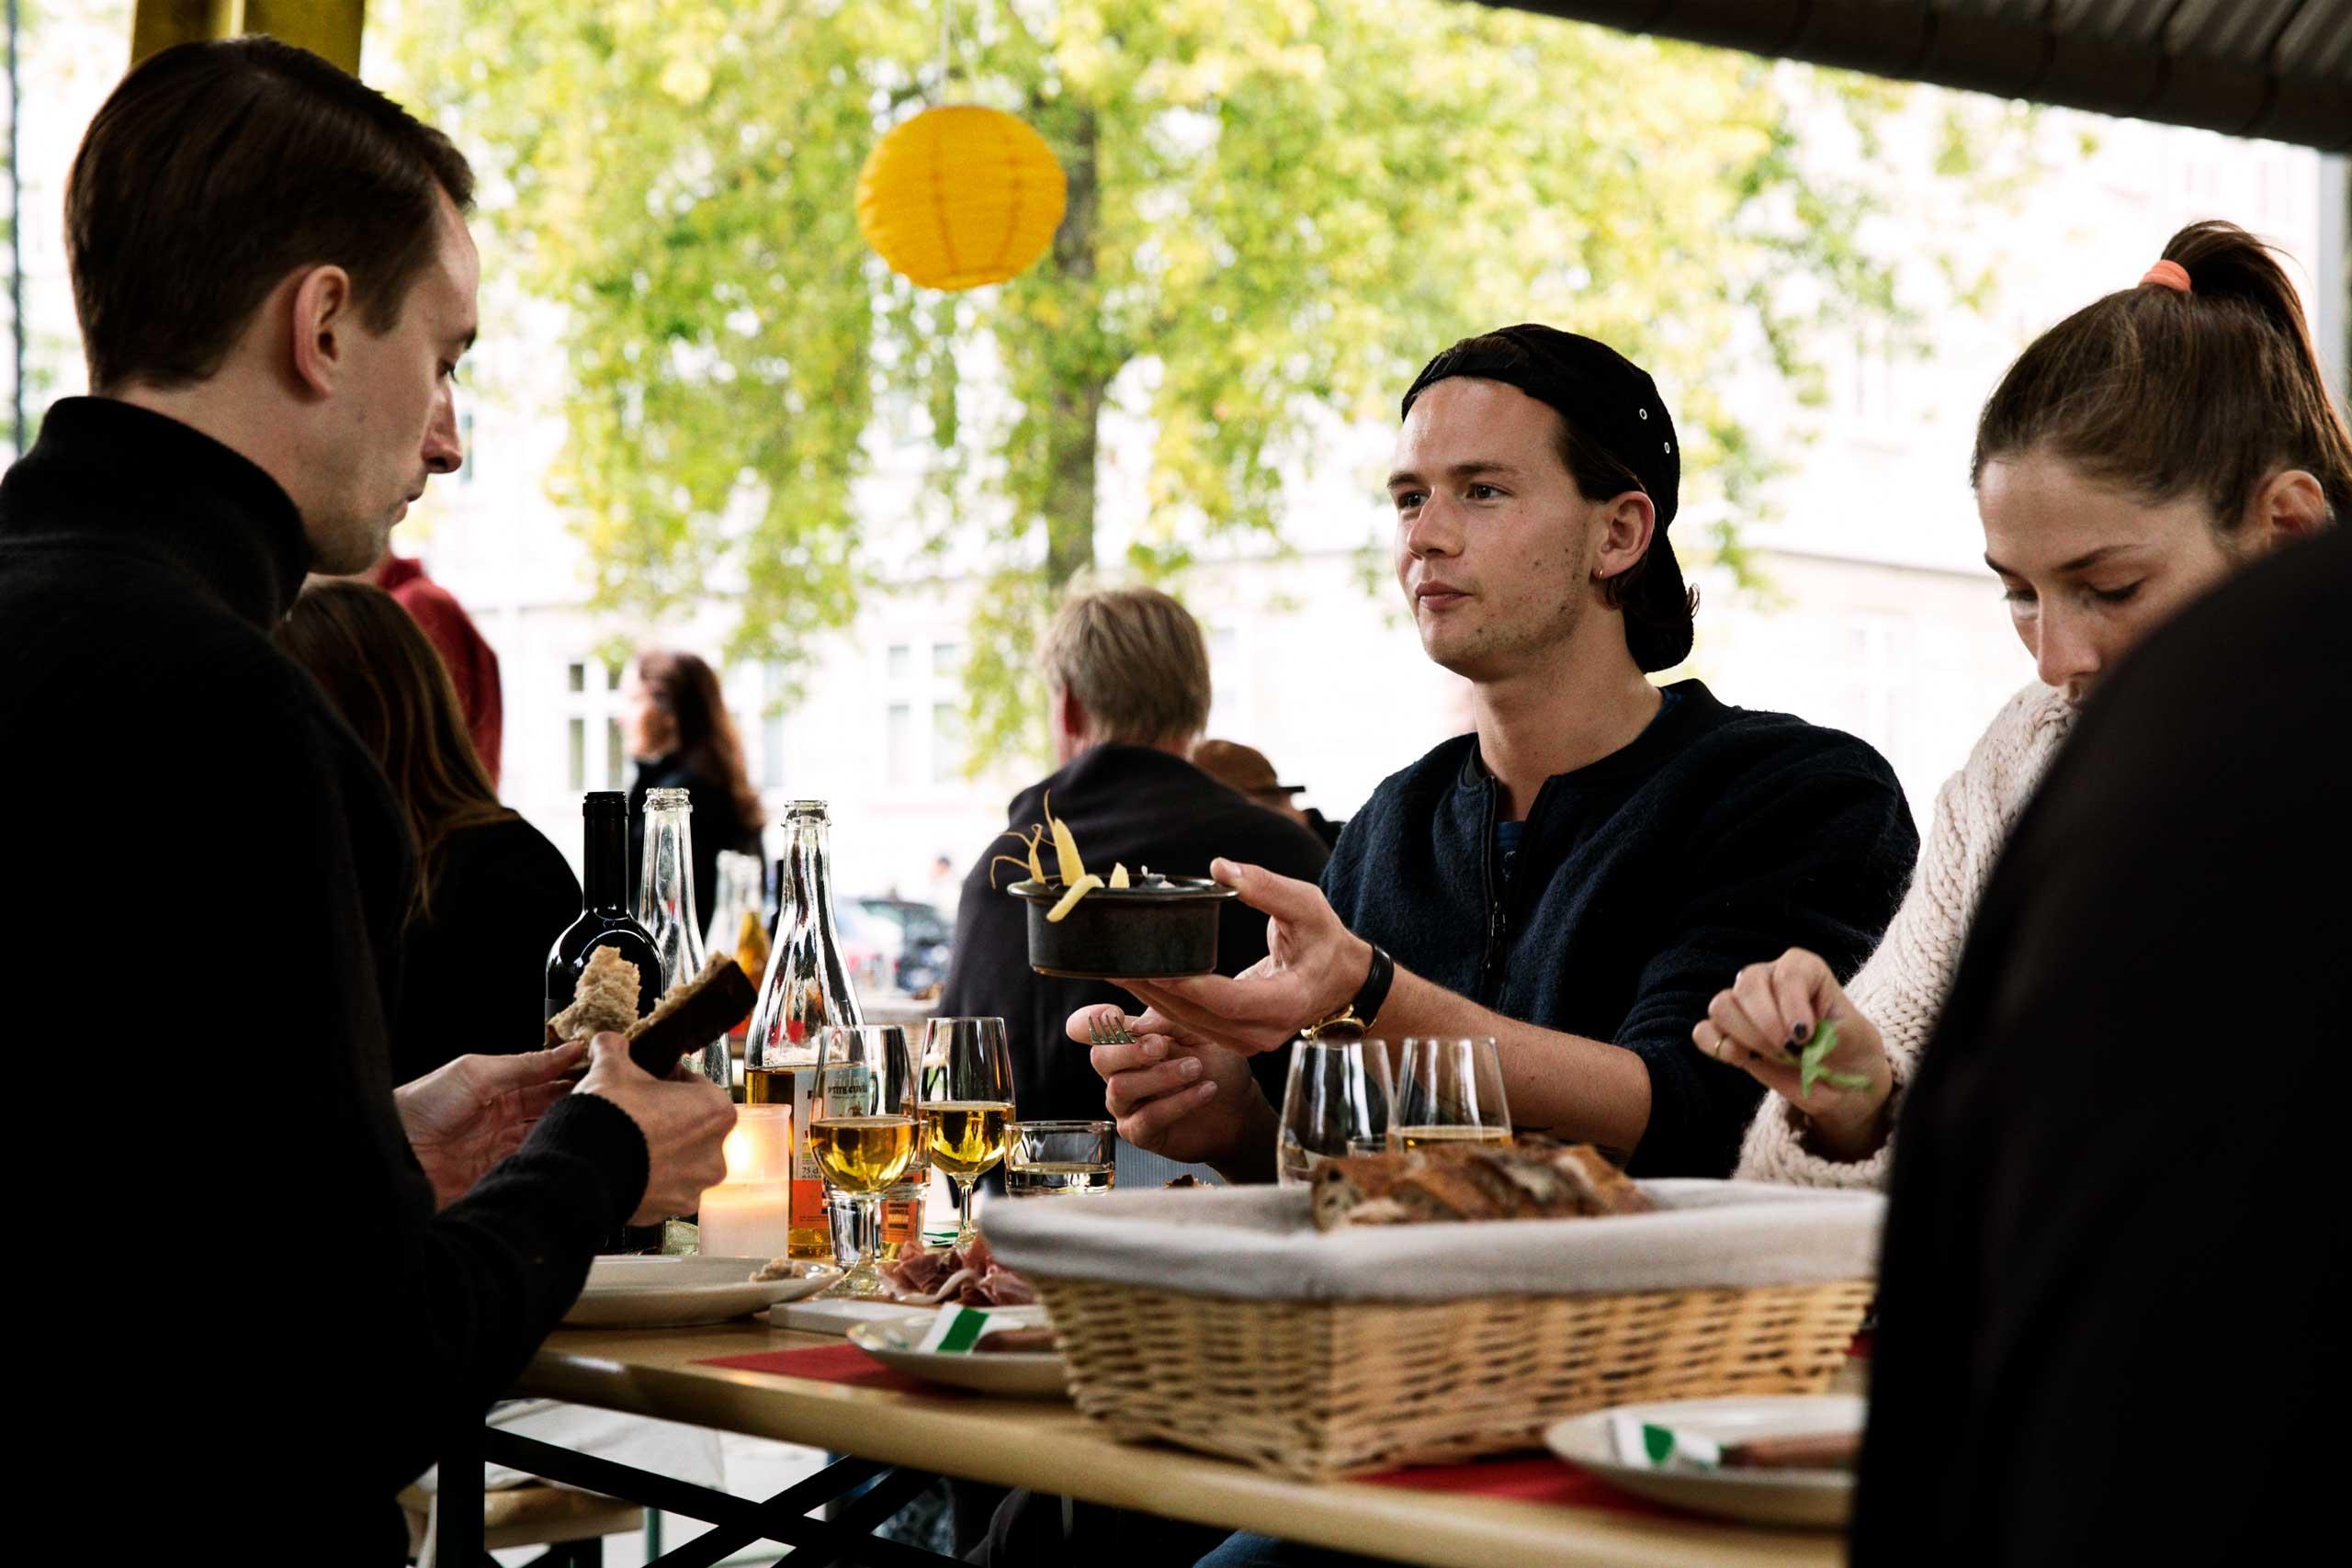 Økologisk mad og vin til fødselsdag, studenterfest og meget mere hos os eller som catering fra Puglisi Events.